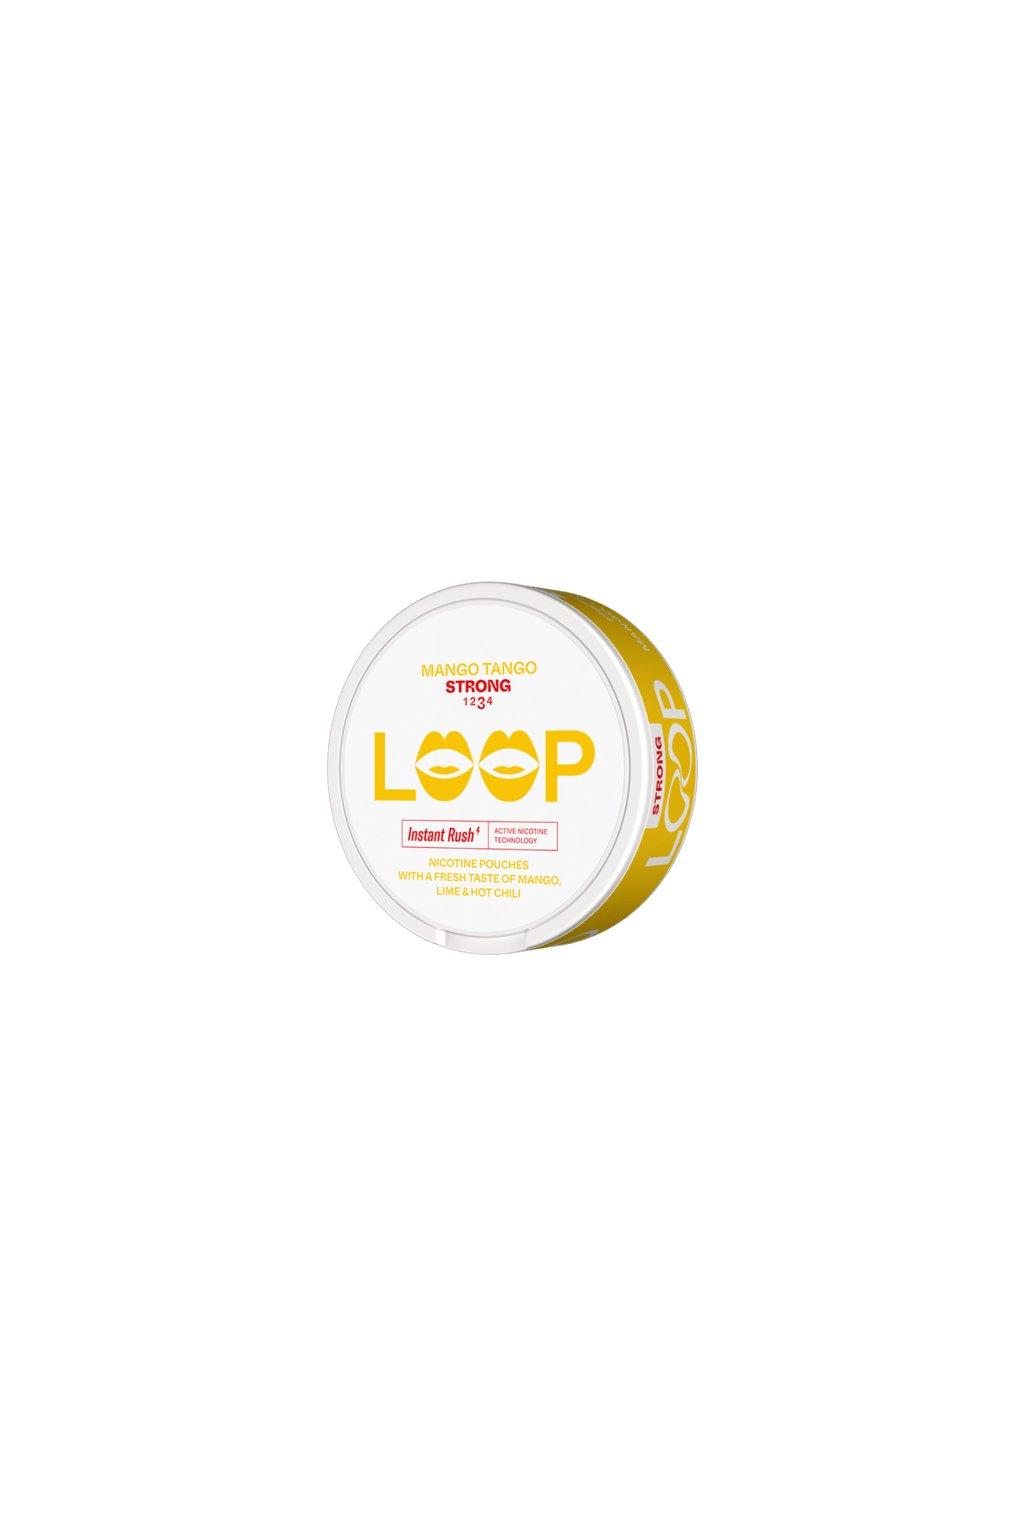 loop mango tango slim strong nikotinove sacky nicopods